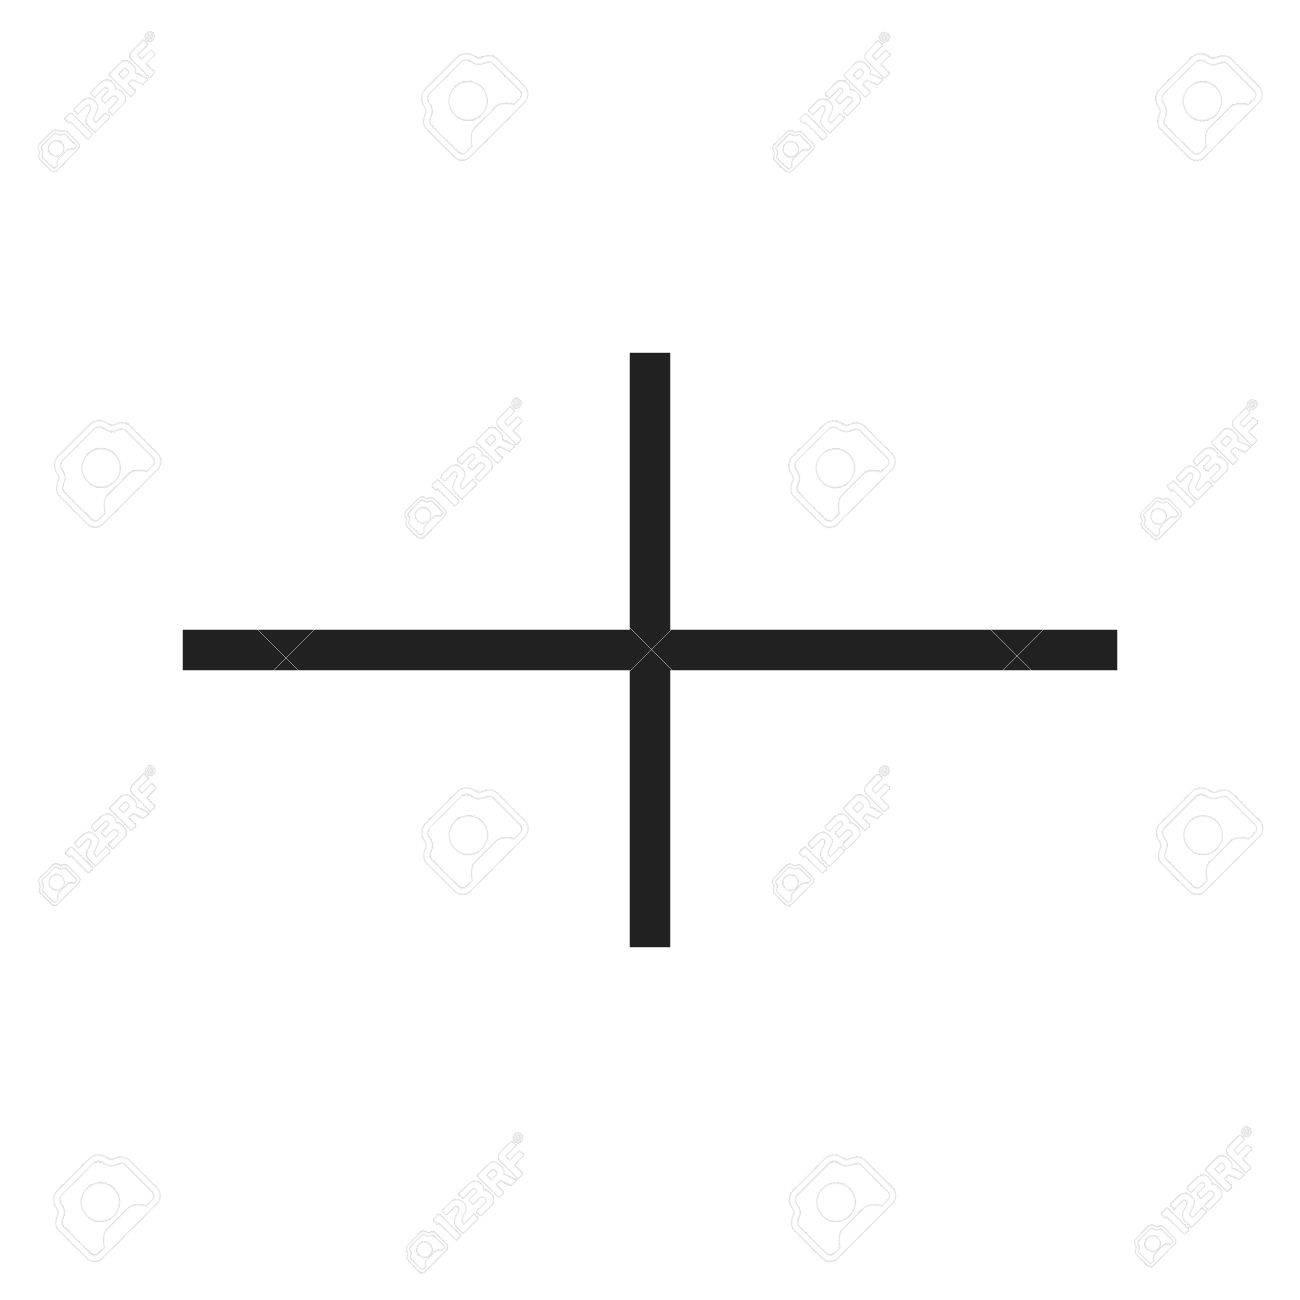 Tolle Draht Schematische Symbole Fotos - Elektrische Schaltplan ...